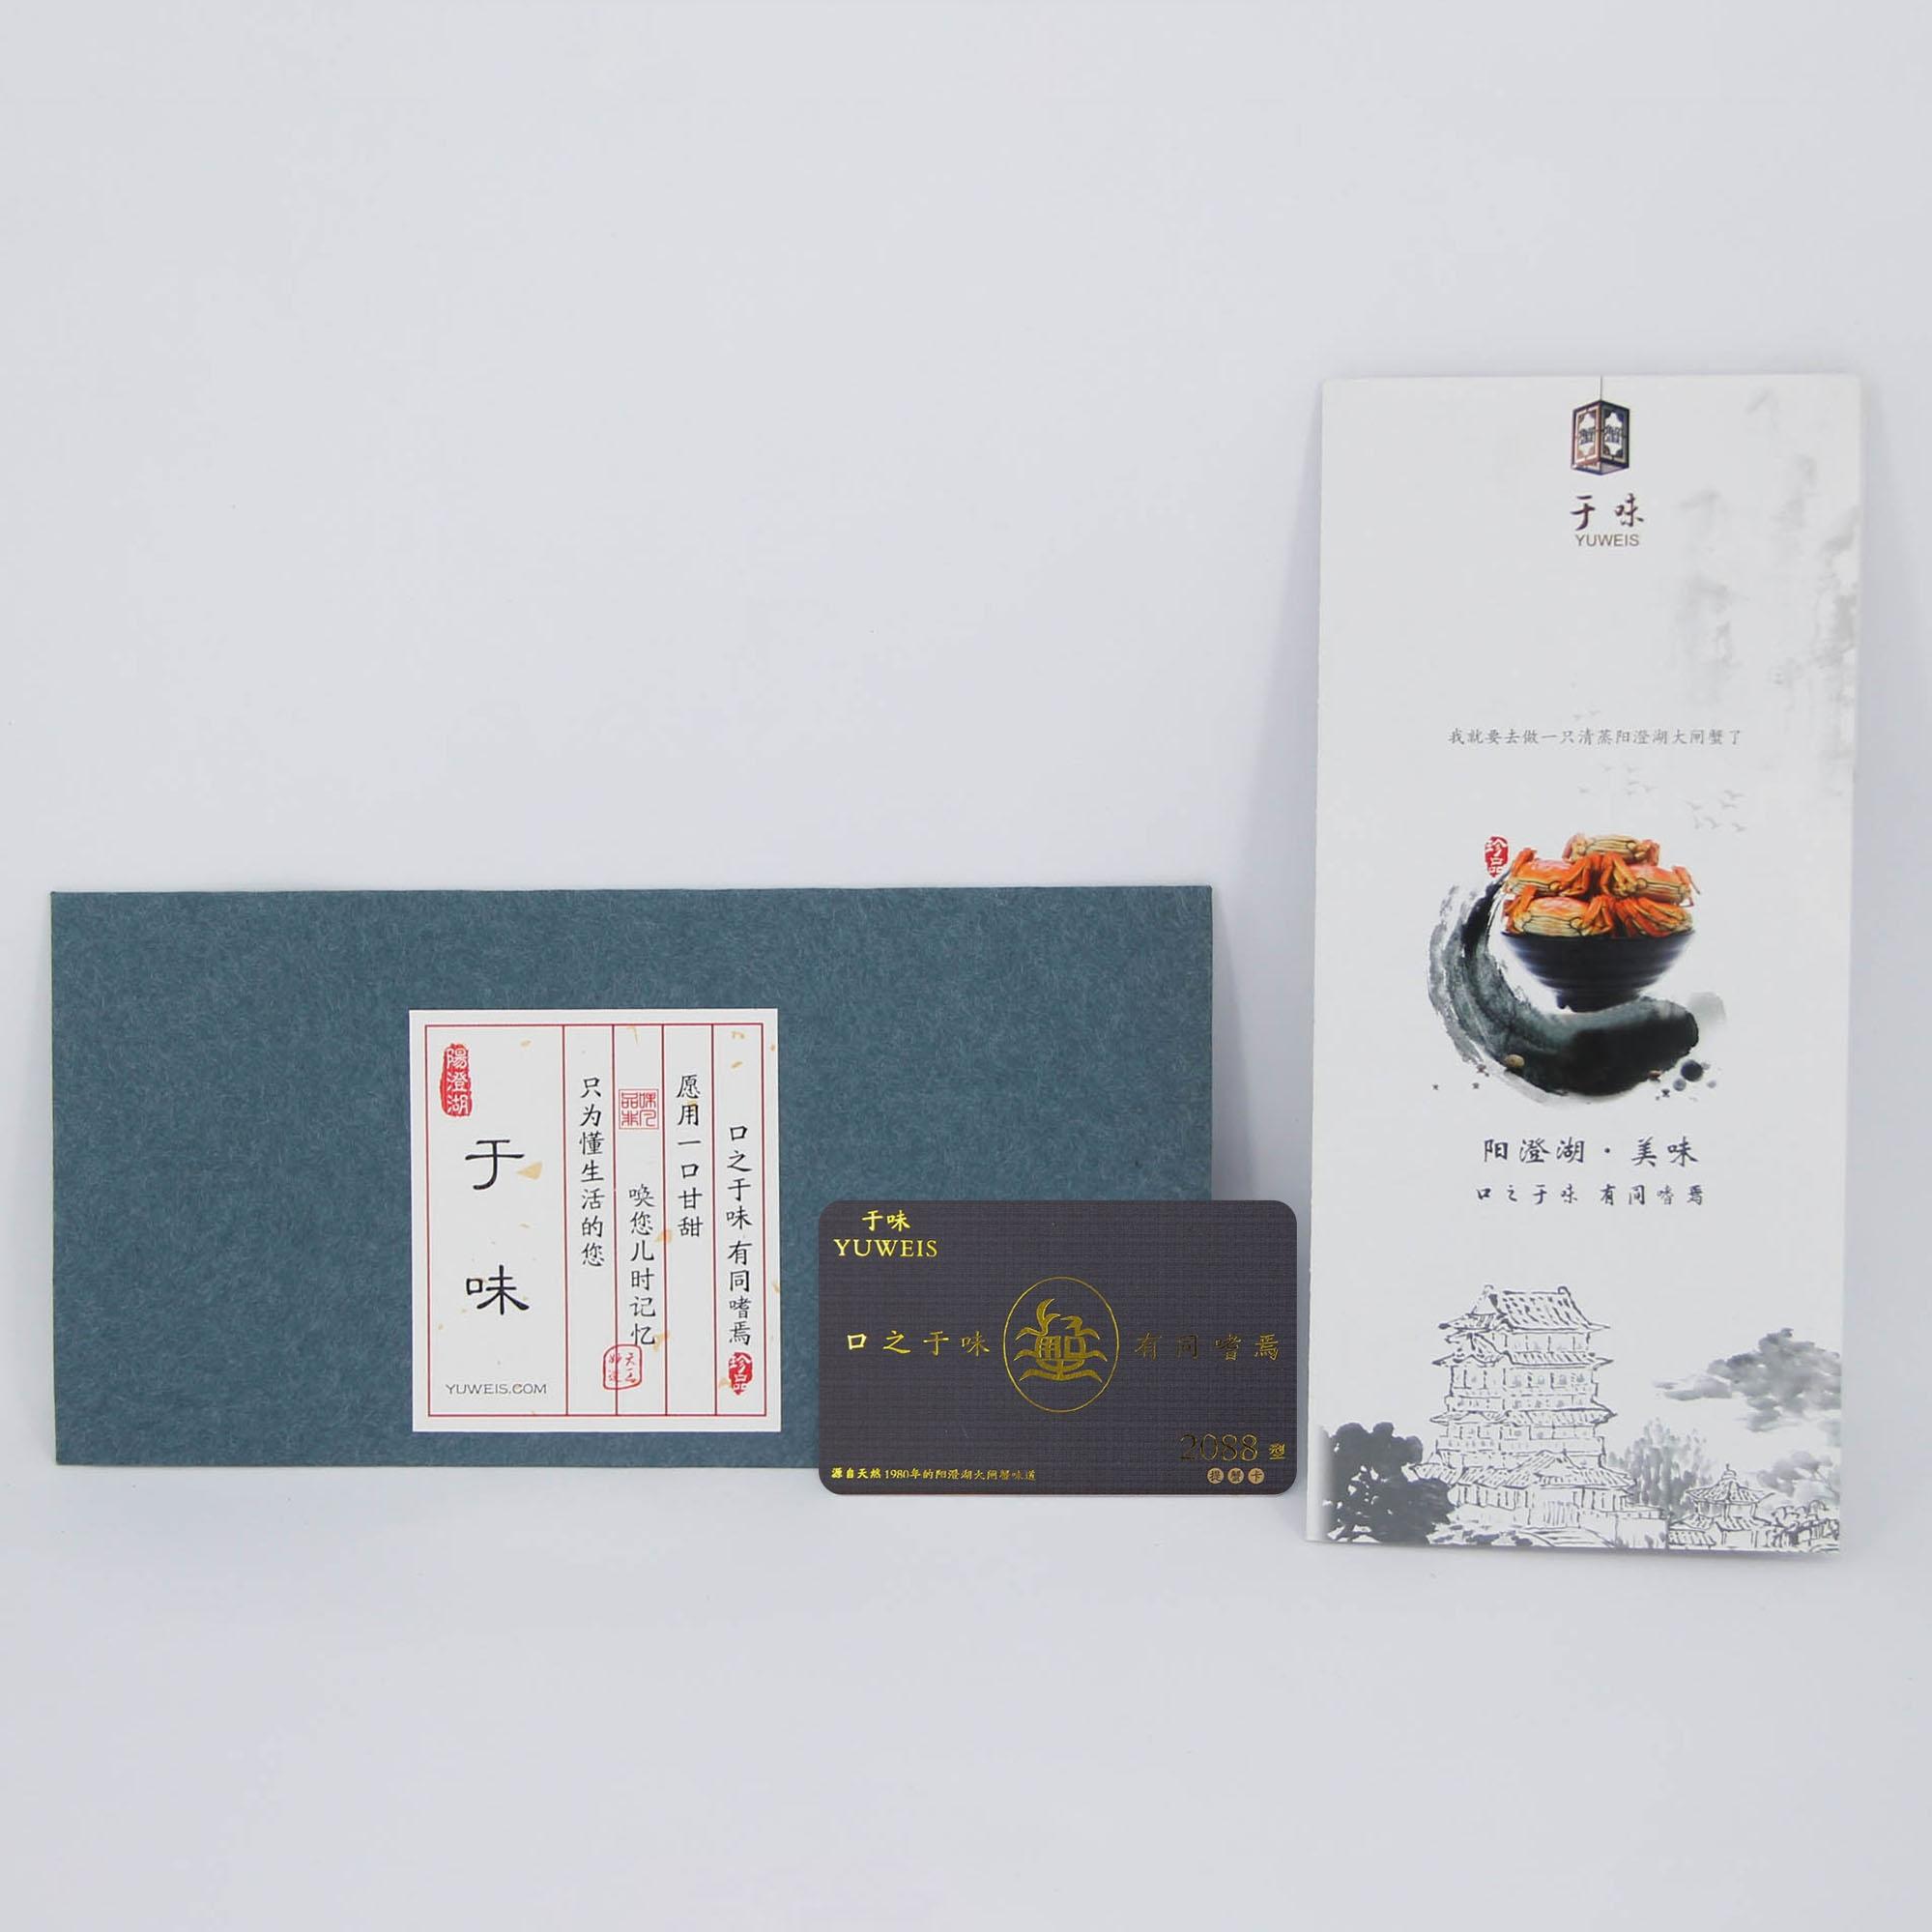 阳澄湖大闸蟹2088型(4.5-4.9公*5只,3.3-3.4母*5只)10只装提货卡 精品系列豪华礼盒装